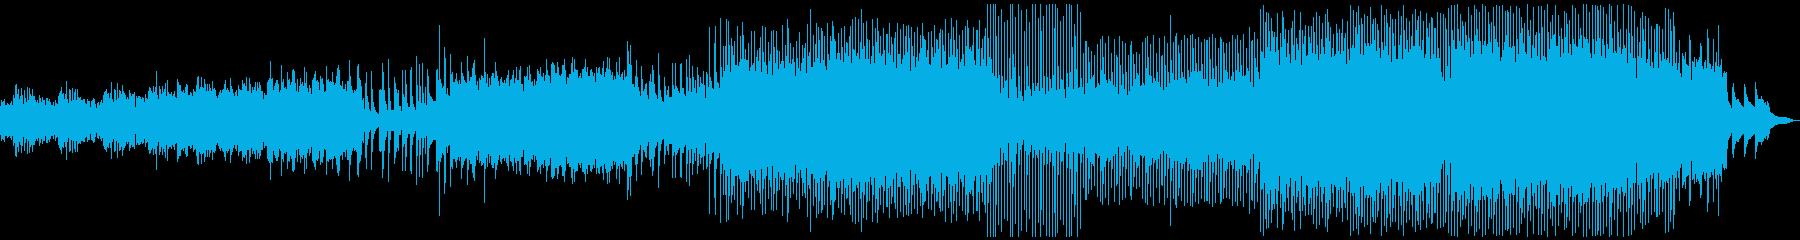 感動的で壮大!アコギ・ピアノ・バイオリンの再生済みの波形